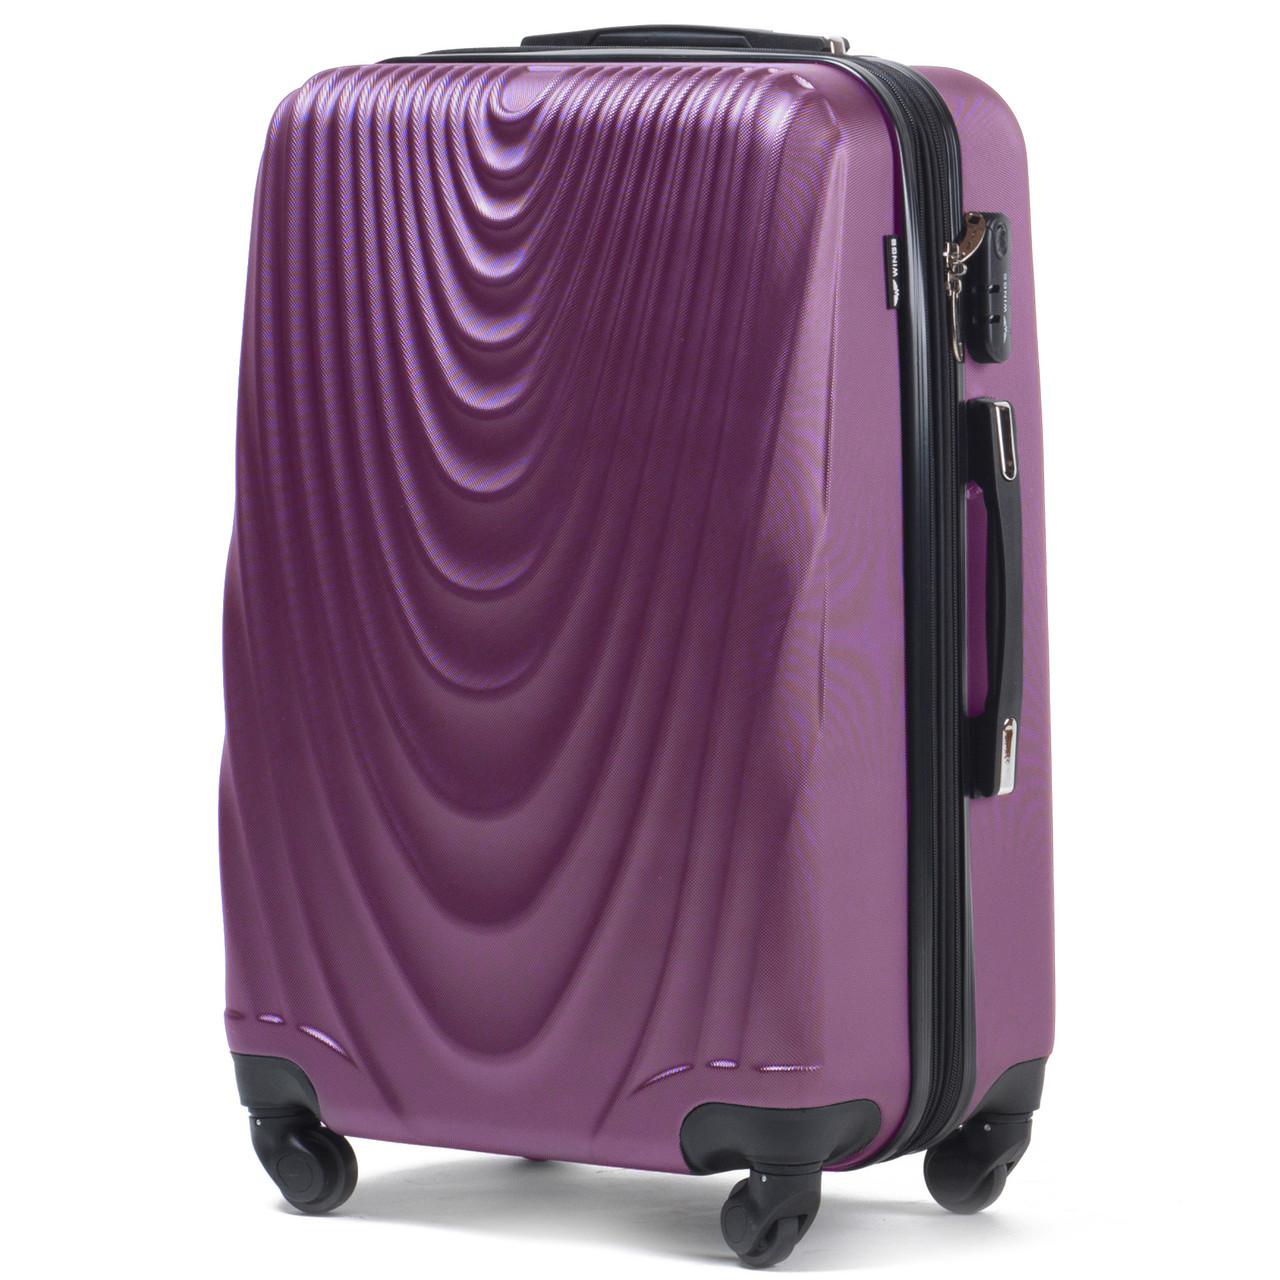 Большой пластиковый чемодан Wings 304 на 4 колесах фиолетовый